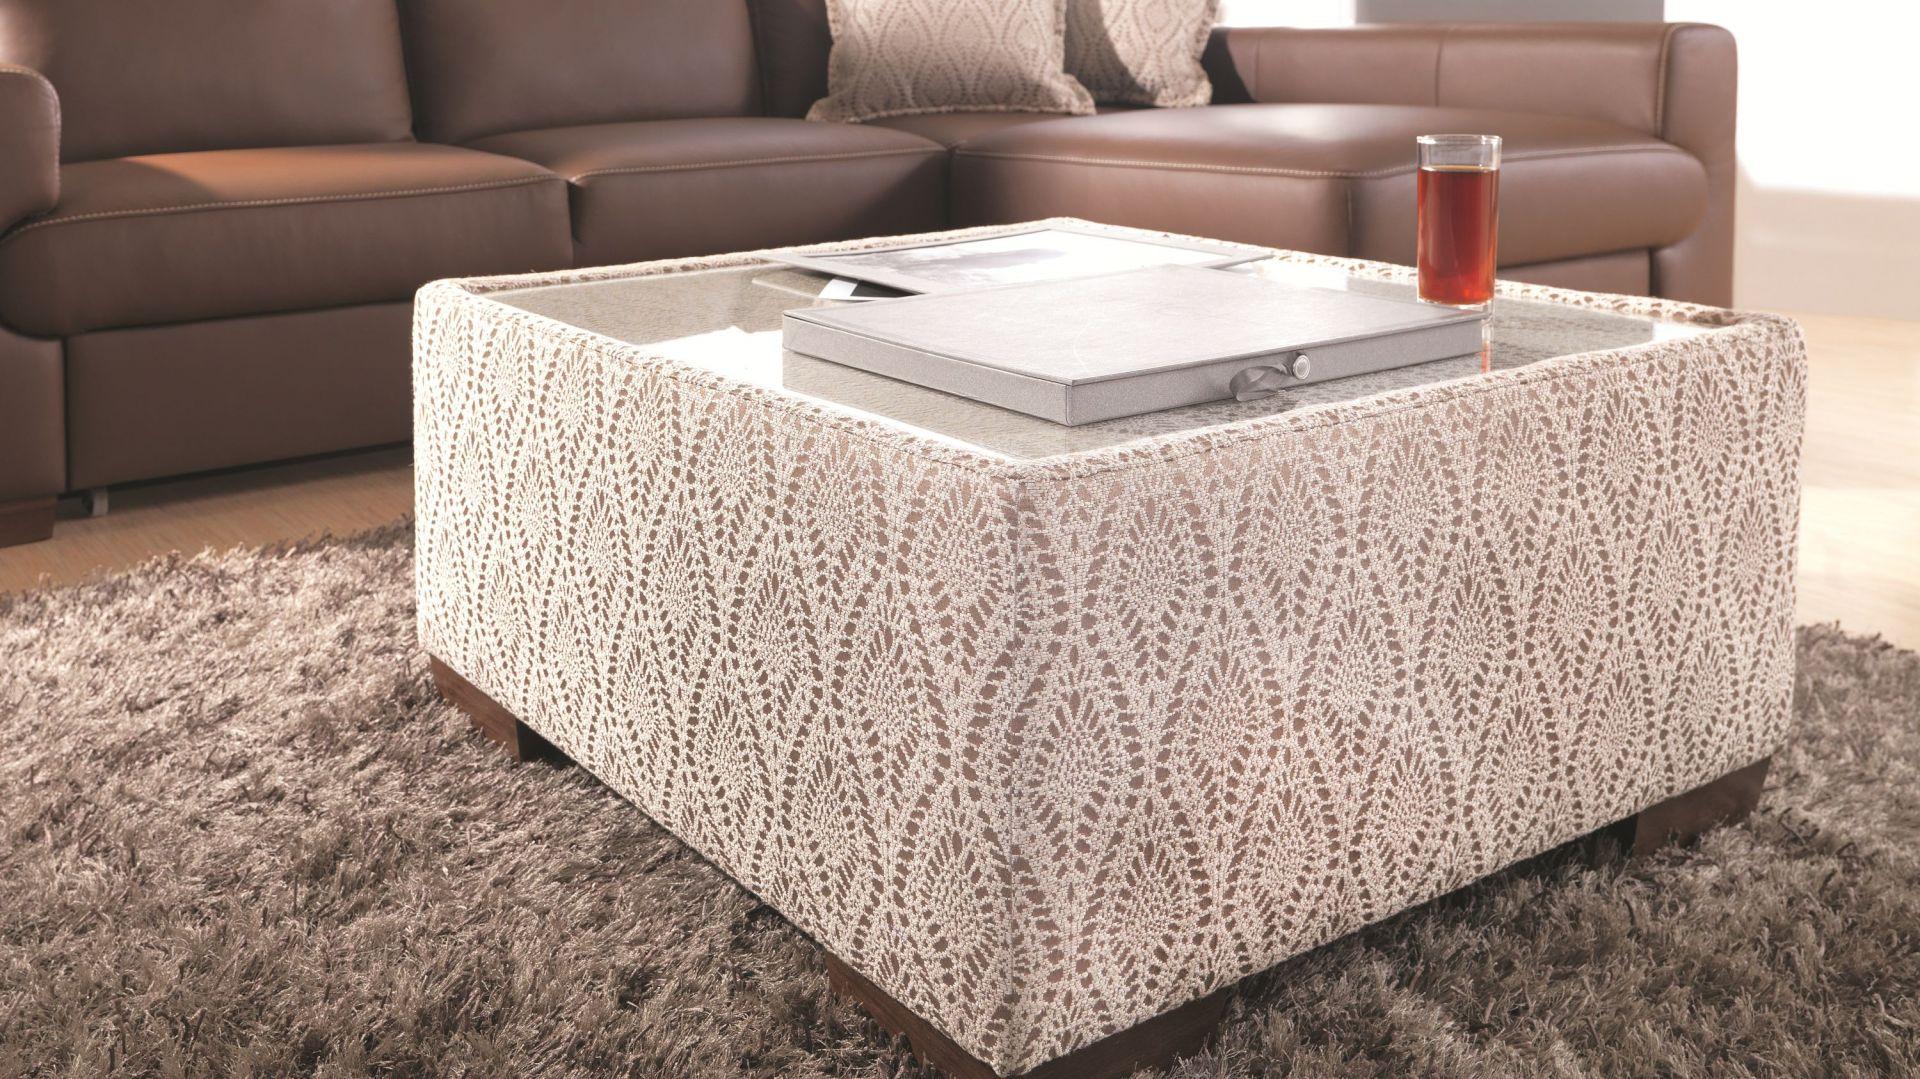 Model Ego marki Wajnert przypomina wyglądem puf wykończony na bokach dekoracyjną, ażurową tkaniną. Umieszczony na szczycie szklany blat sprawia jednak, że doskonale sprawdzi się jako stolik kawowy. Cena: ok 499 zł. Fot. Wajnert Meble